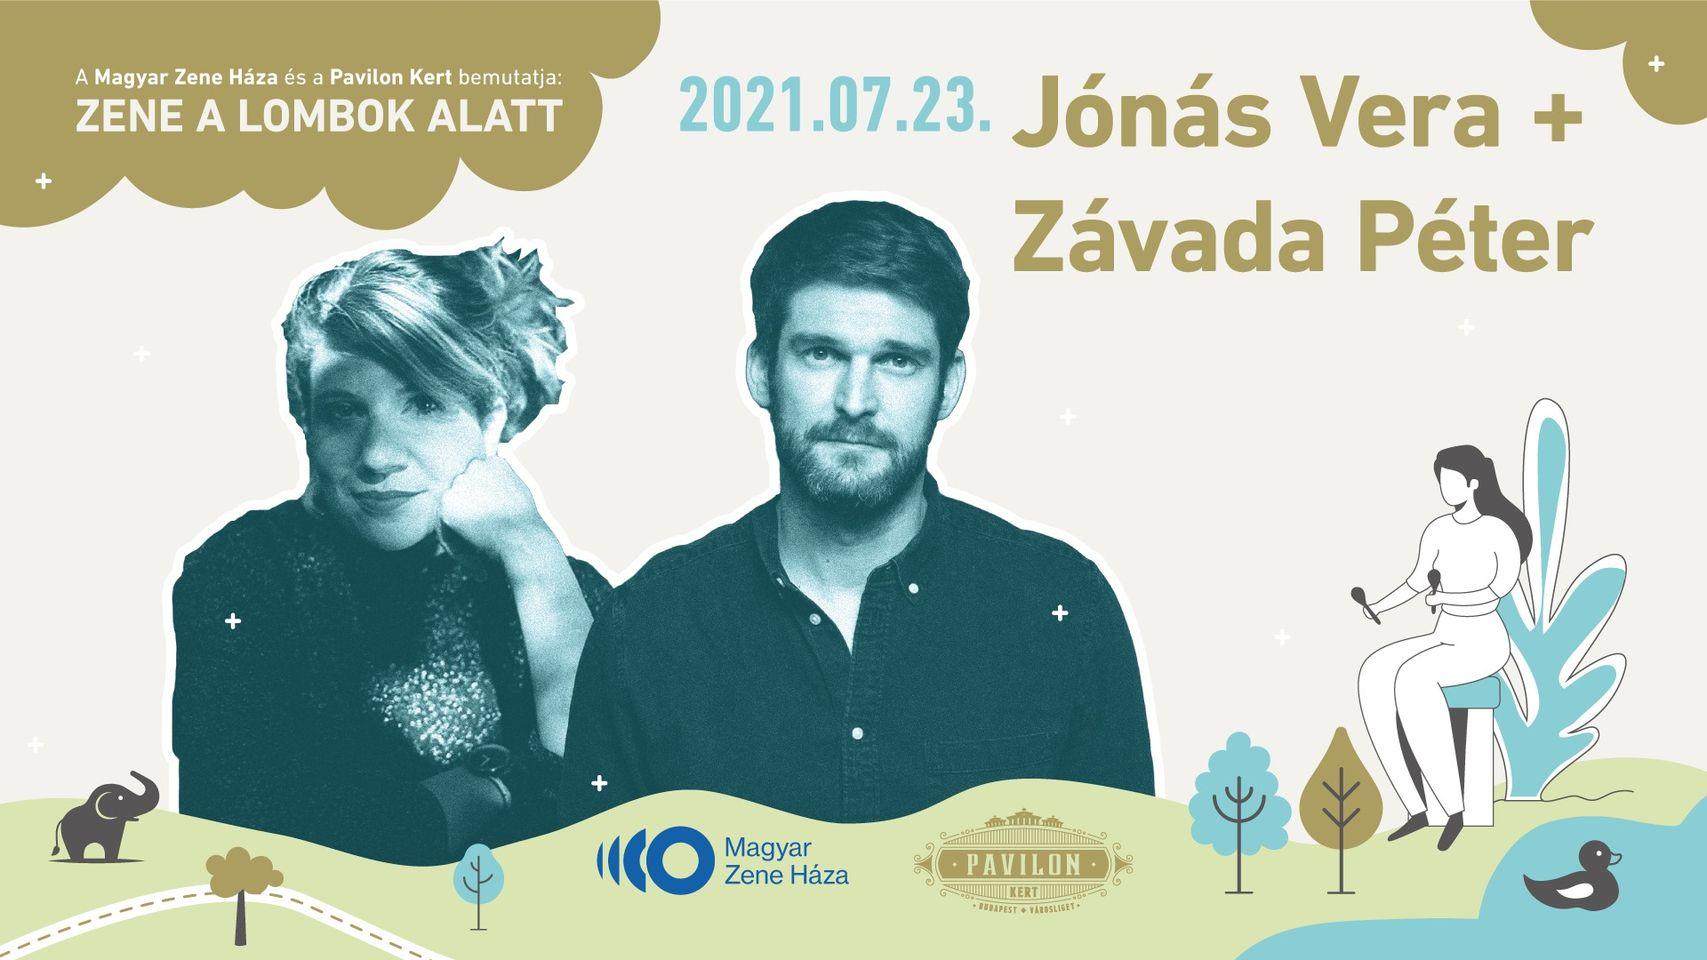 Jónás Vera és Závada Péter estje - bemutatja a Magyar Zene Háza és a Pavilon Kert